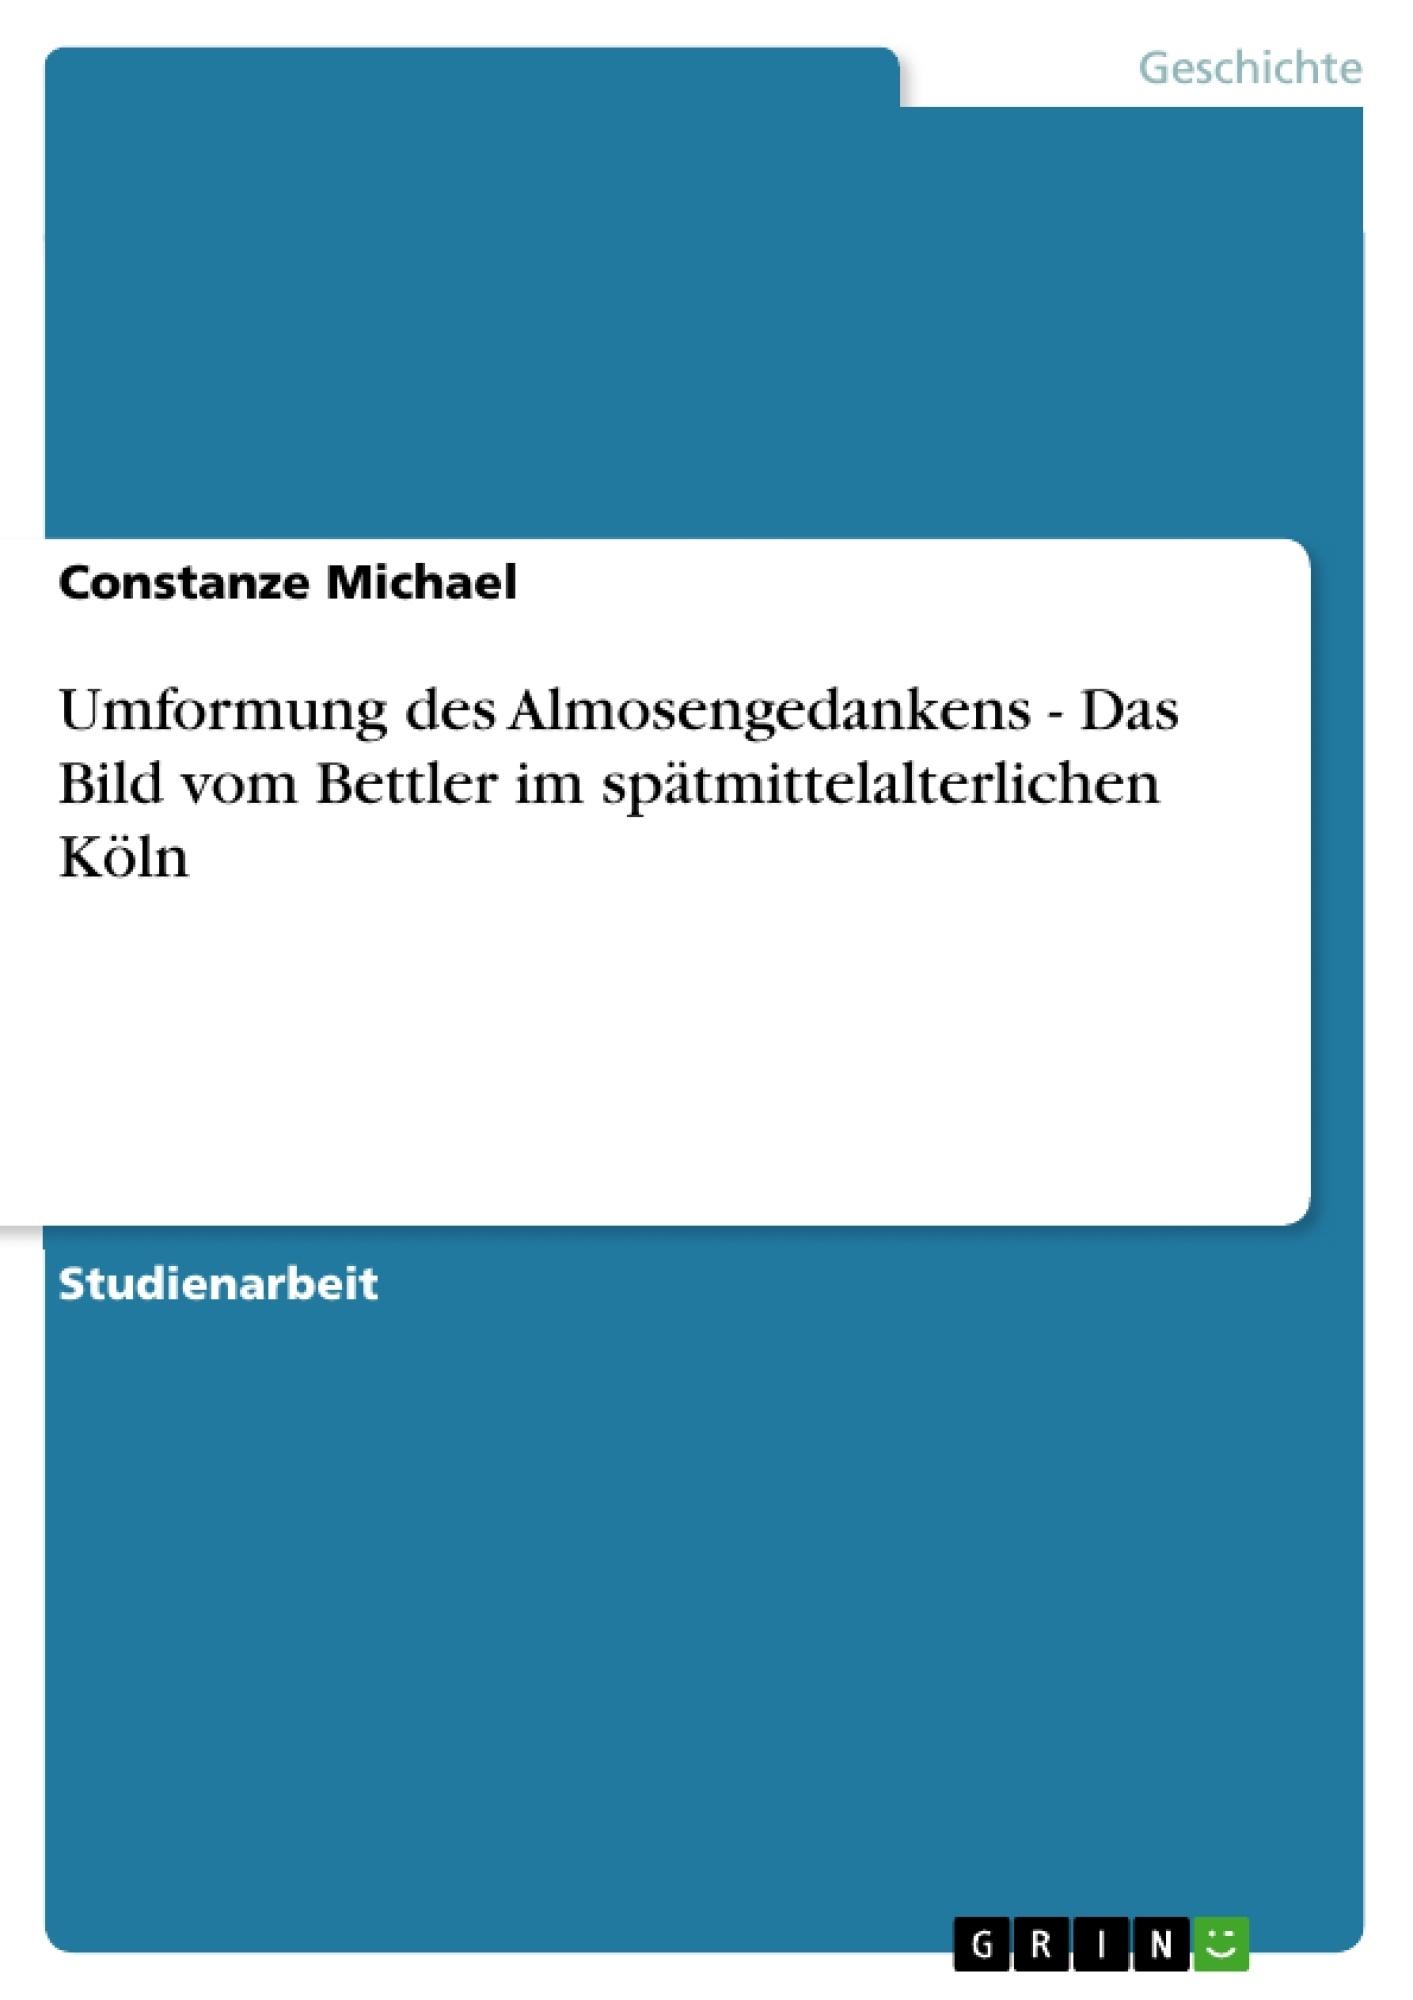 Titel: Umformung des Almosengedankens - Das Bild vom Bettler im spätmittelalterlichen Köln